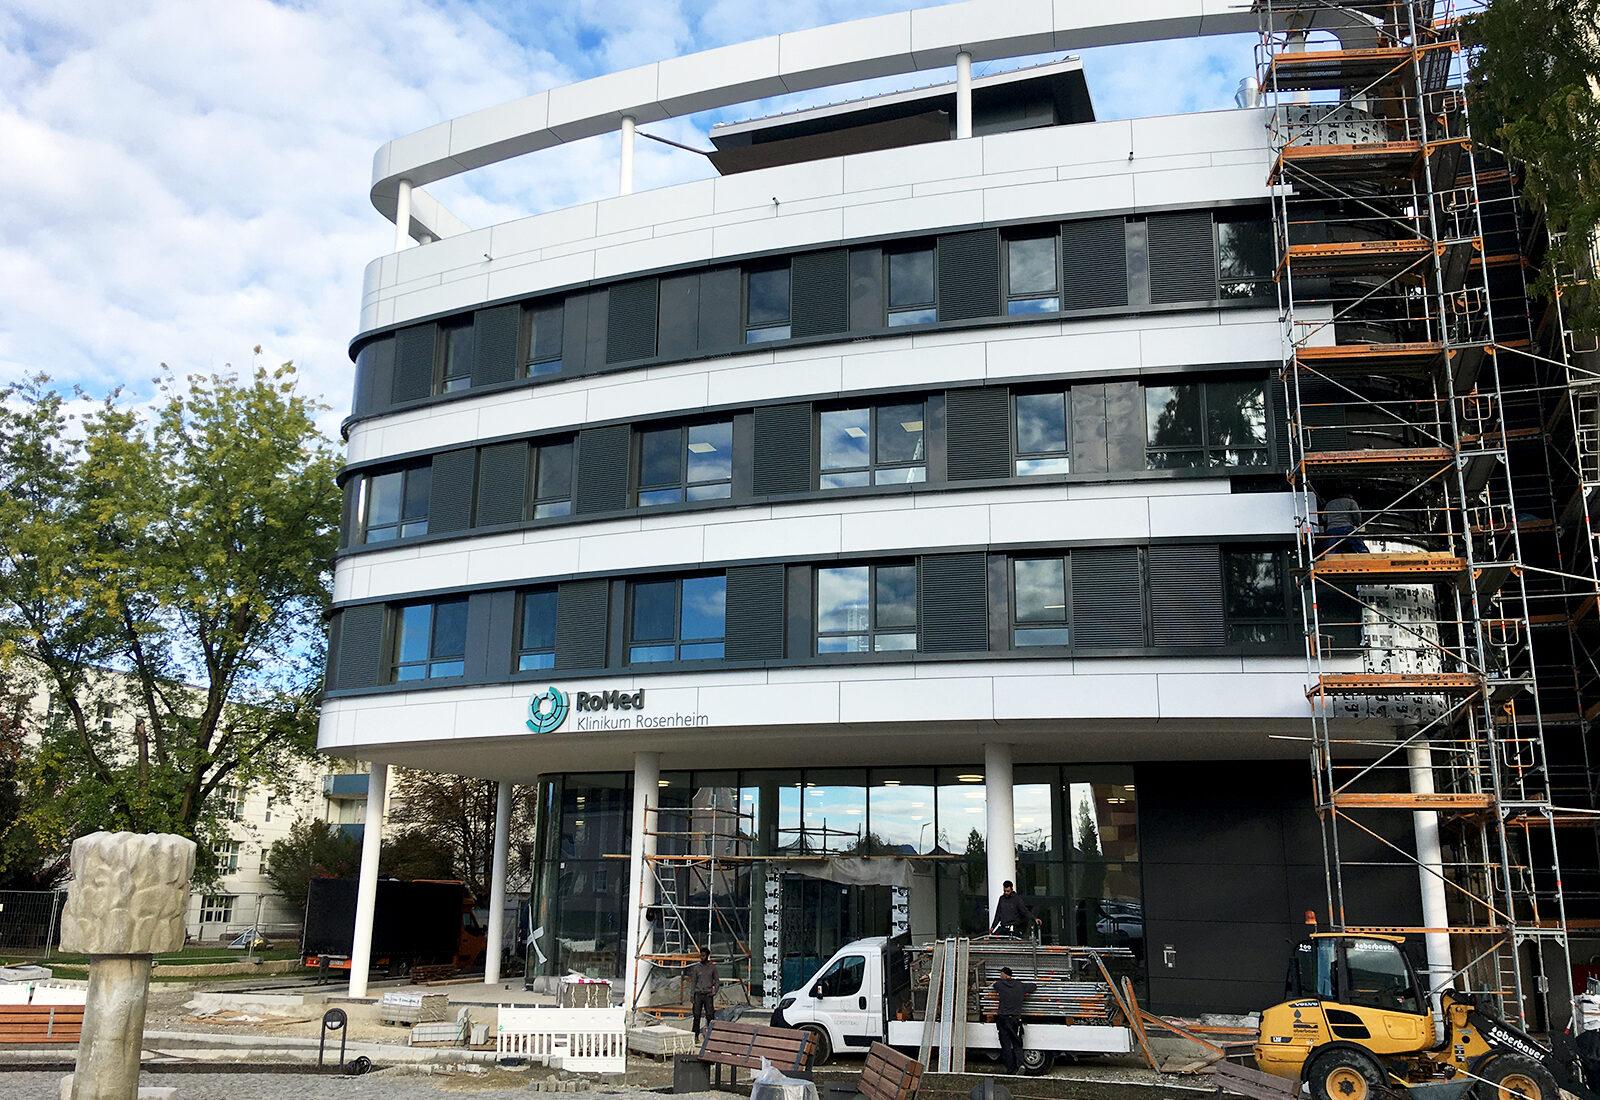 RoMed Klinik - Südseite Neubau